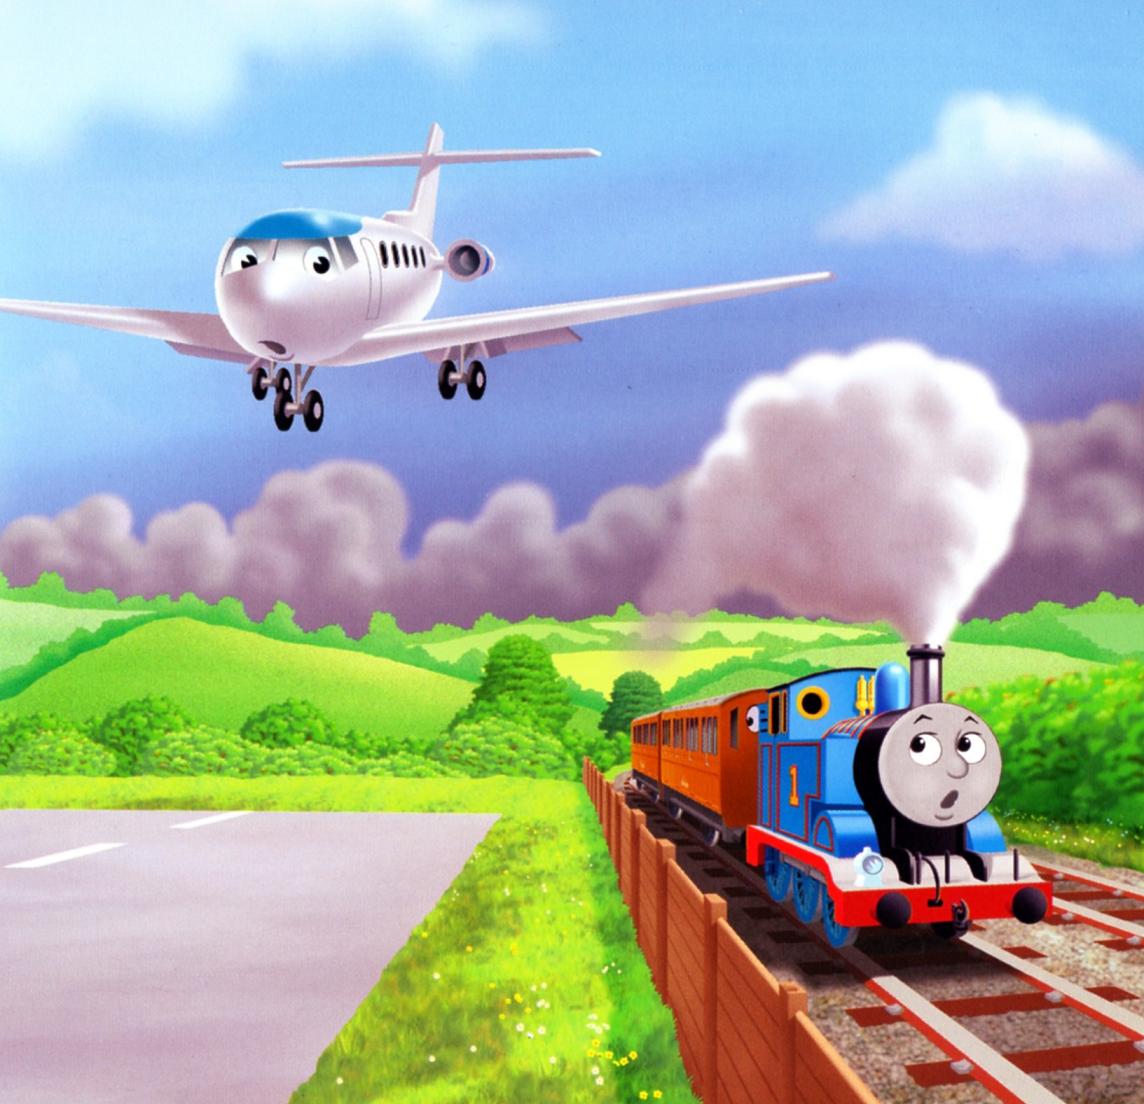 Jeremy The Jet Plane